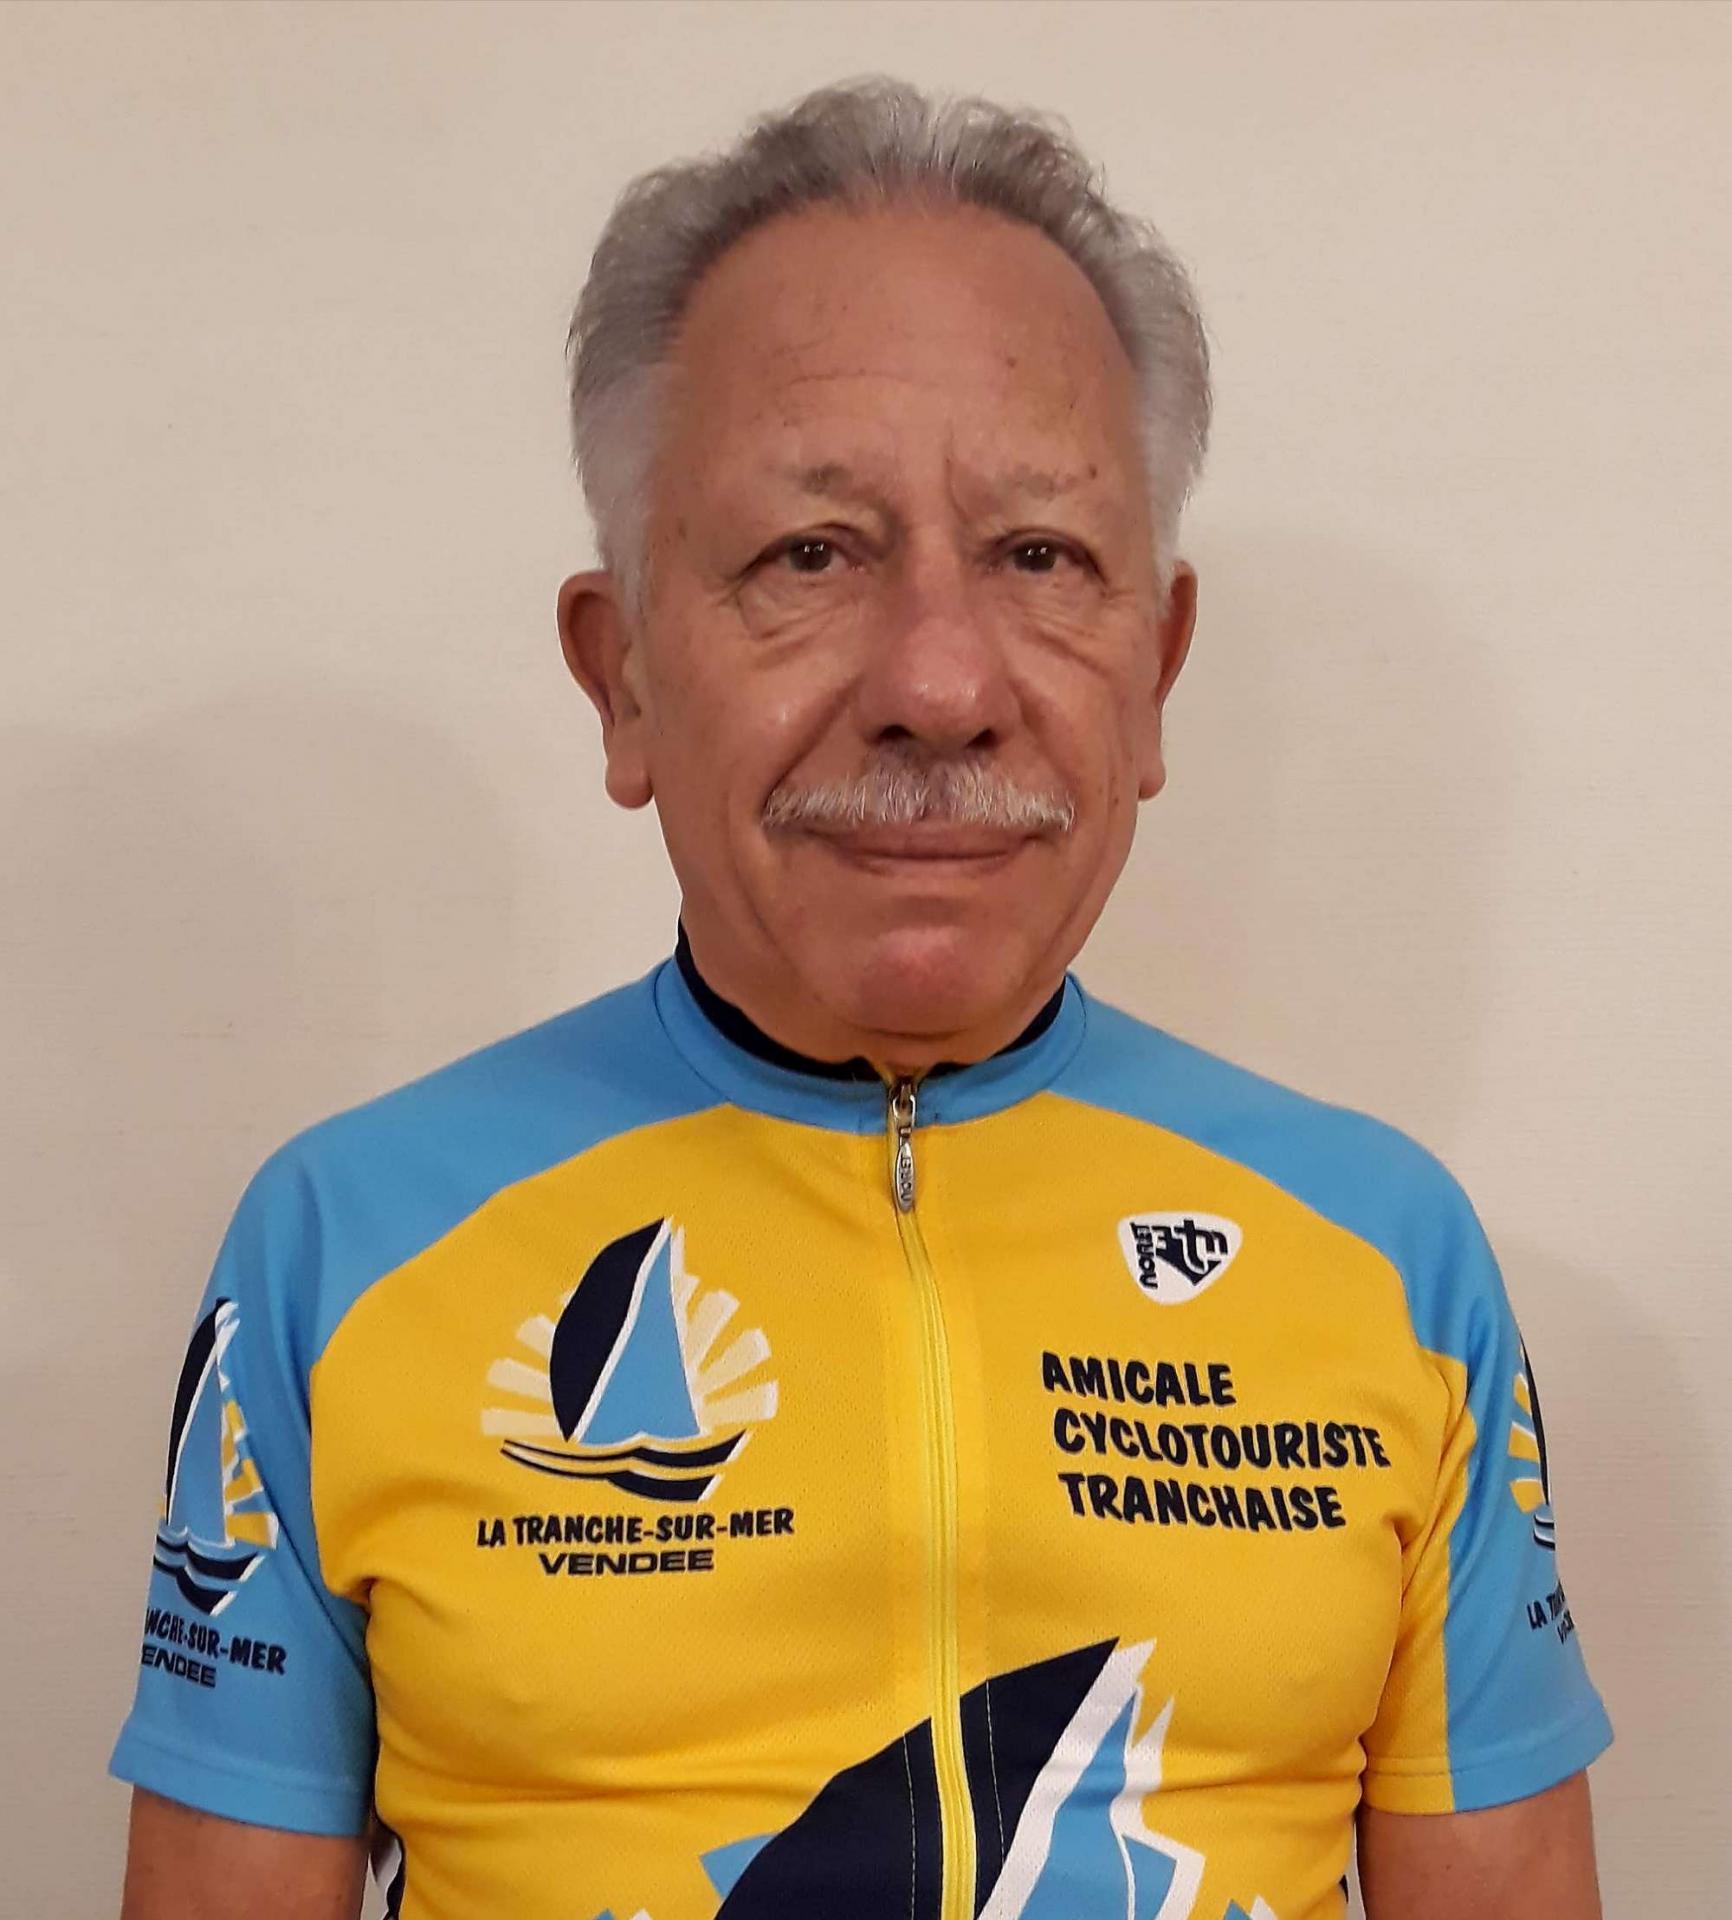 Jacques Corbetti